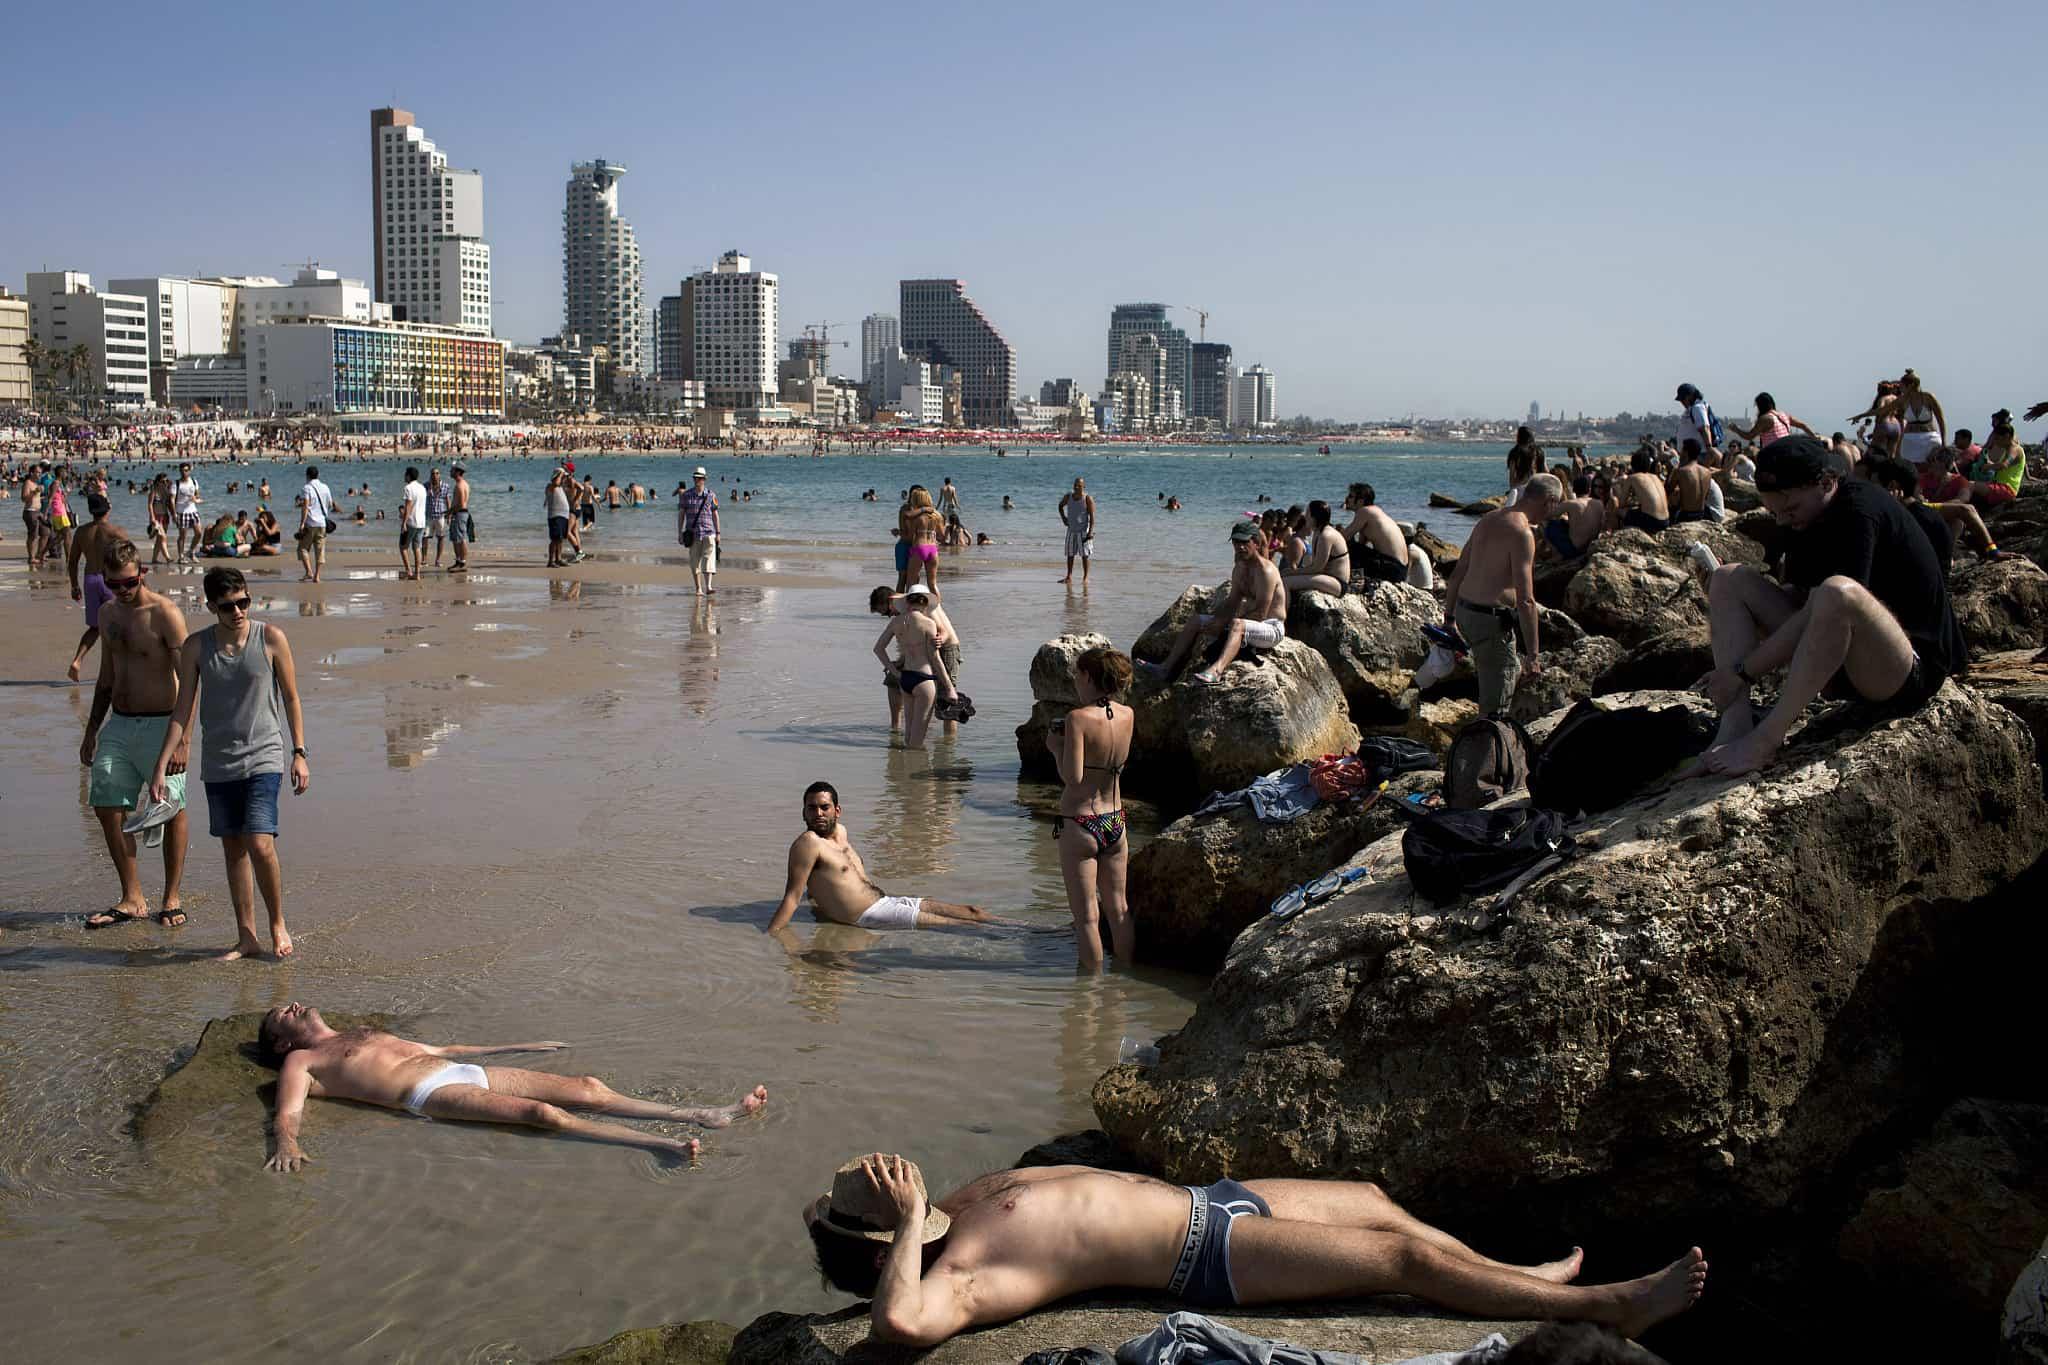 תיירים בתל אביב, ארכיון, 2013 (צילום: AP Photo/Oded Balilty)